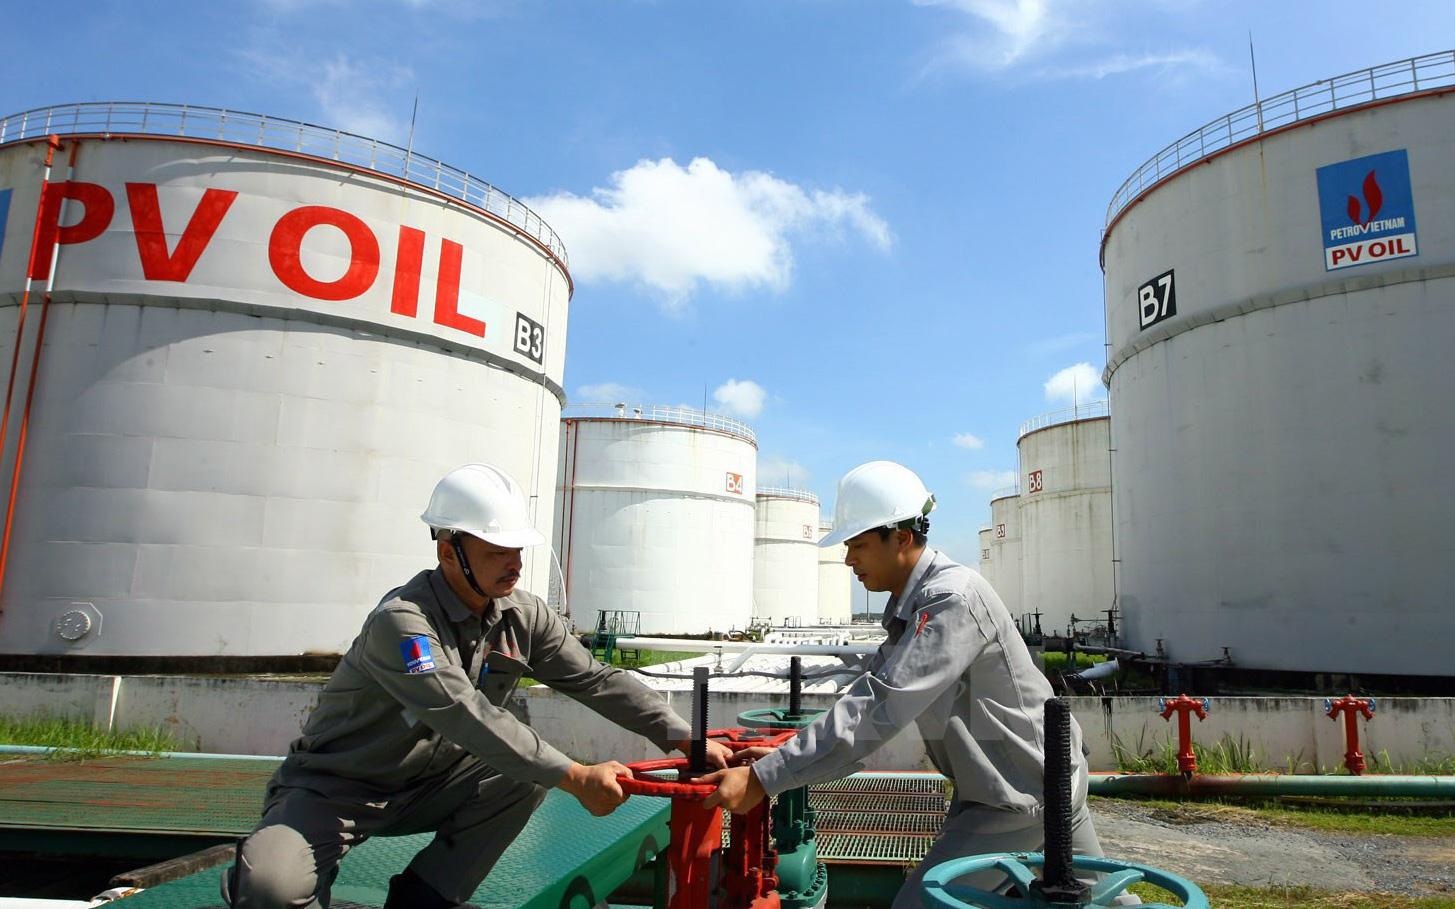 """Lợi nhuận rơi theo giá dầu, đai gia sản xuất xăng dầu """"gánh"""" lỗ tới hơn 4.000 tỷ sau 6 tháng - Ảnh 4."""